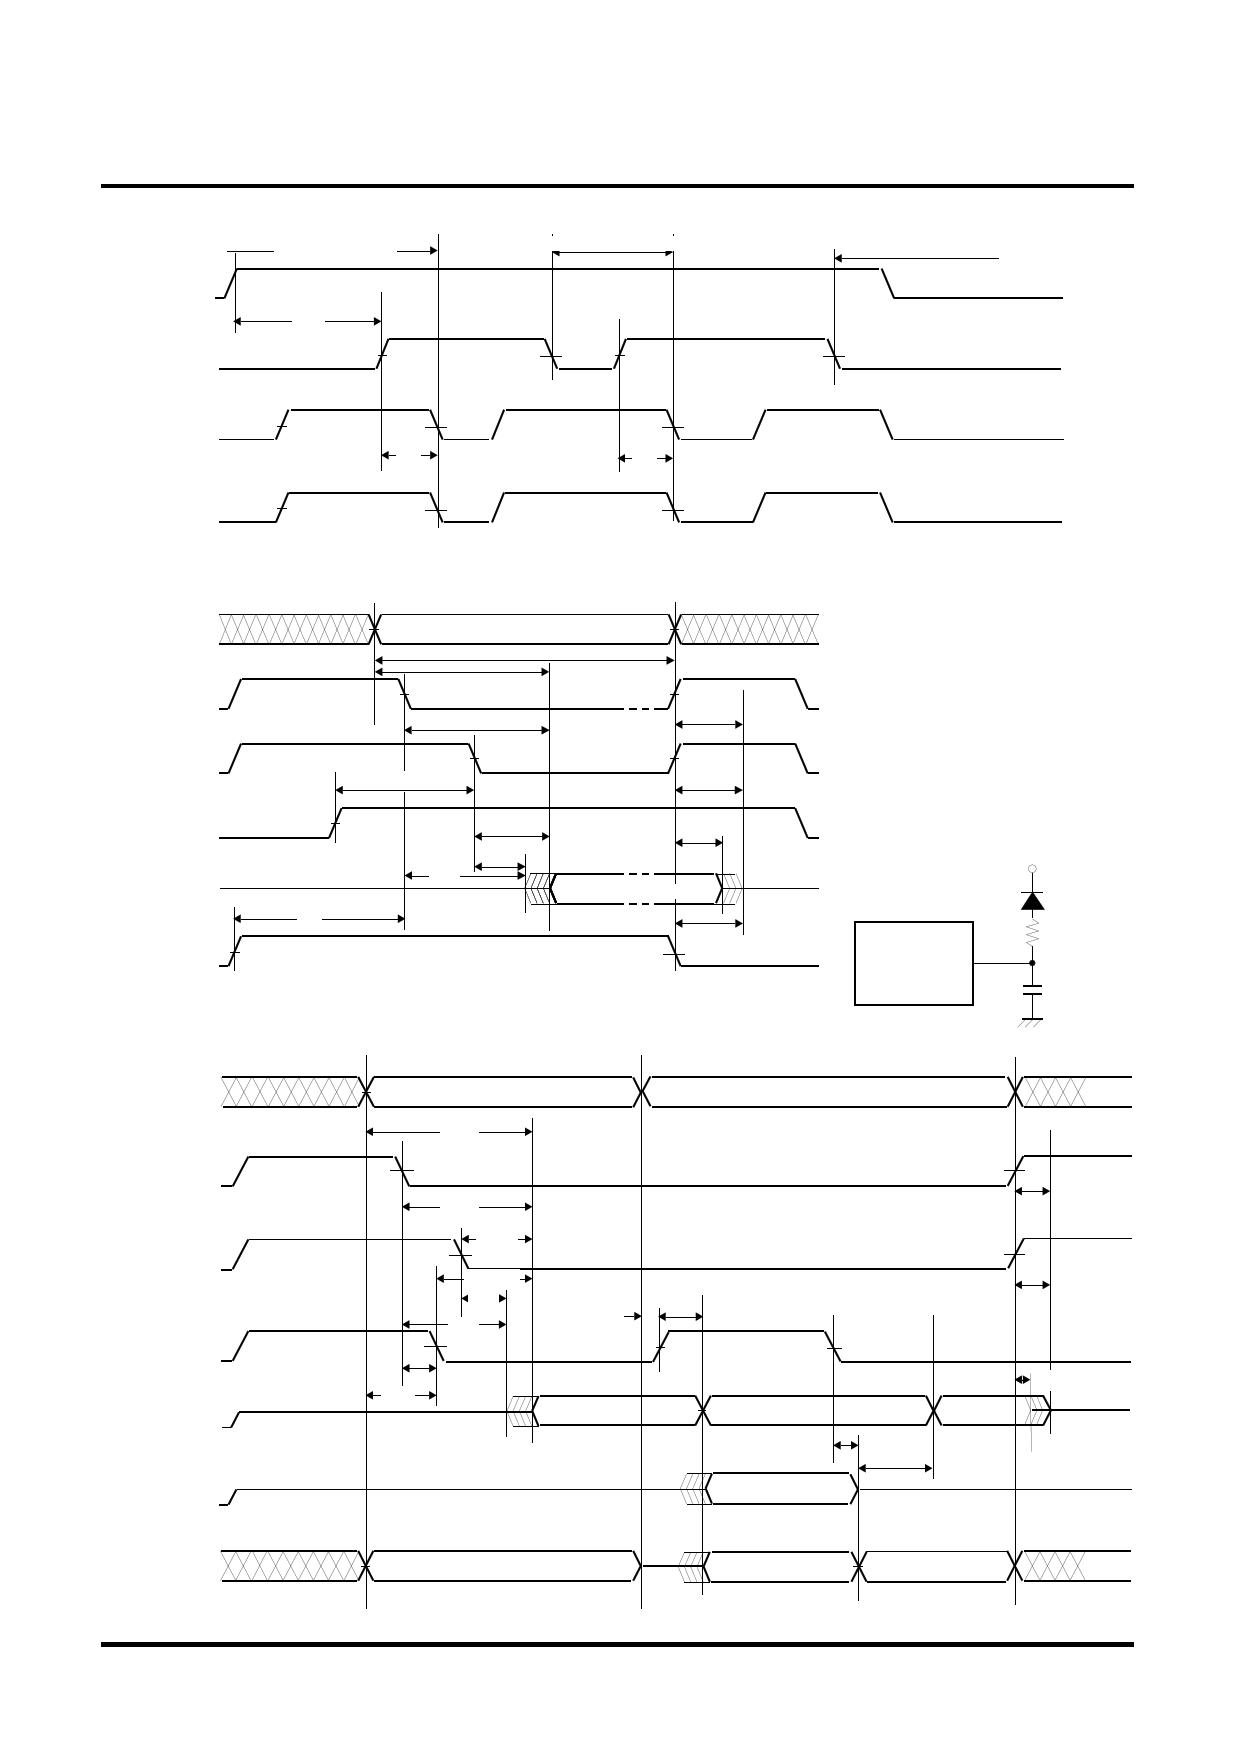 M5M29FB800VP-10 diode, scr